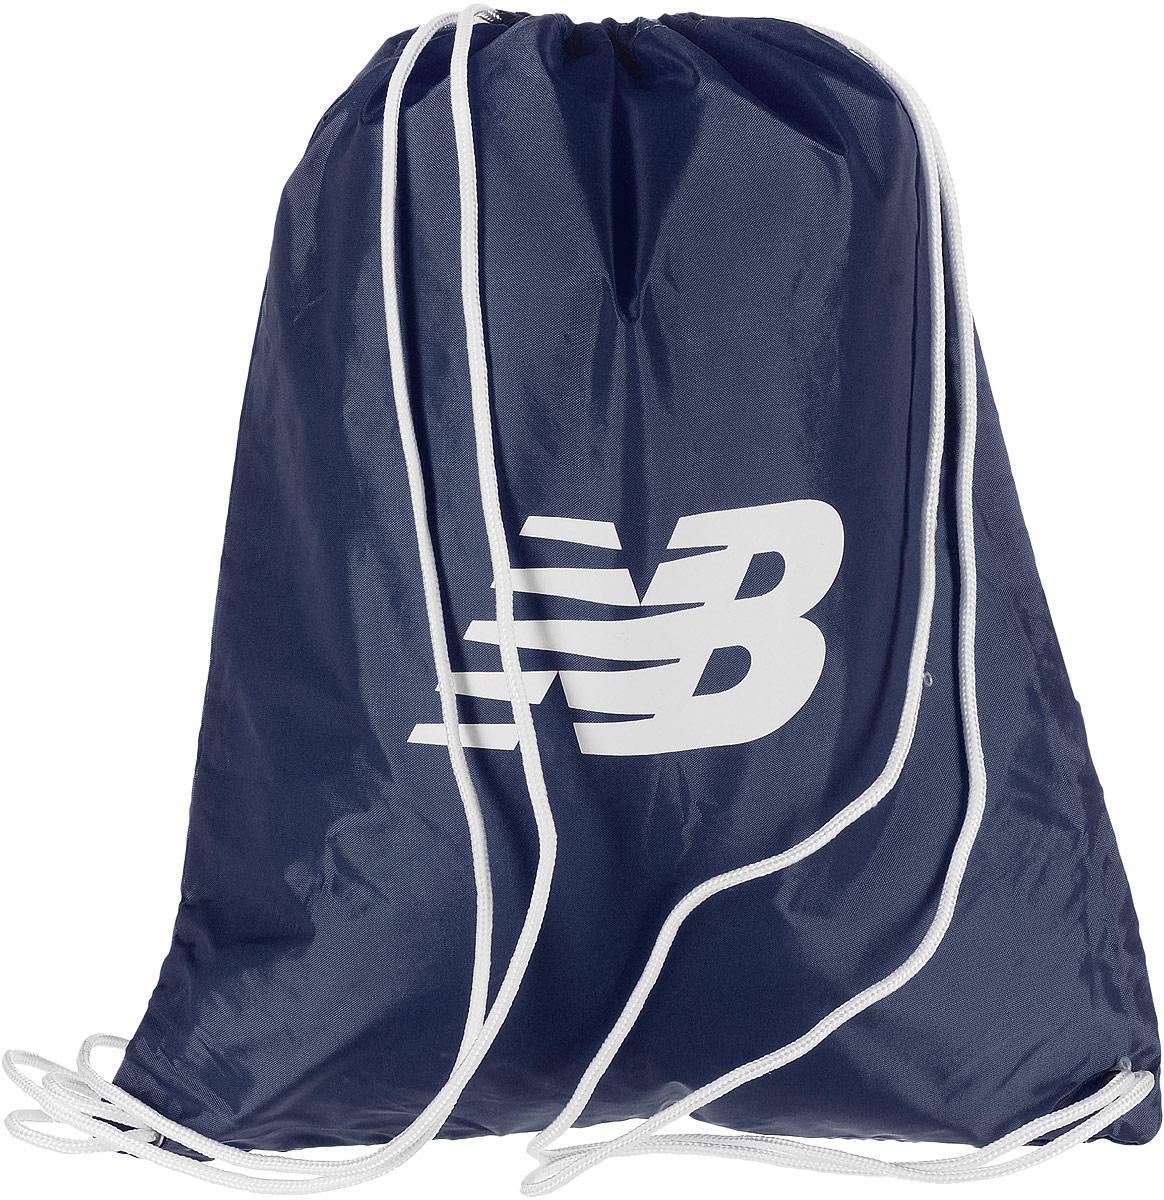 Рюкзак New Balance Cinch Sack, цвет: темно-синий. 500006/NW101225Стильный спортивный рюкзак New Balance Cinch Sack выполнен из нейлона и оформлен символикой бренда. Изделие имеет одно основное отделение, которое закрывается с помощью затягивающего шнурка.Веревочные завязки можно использовать как наплечные лямки. Стильный и функциональный рюкзак поместит все необходимое.